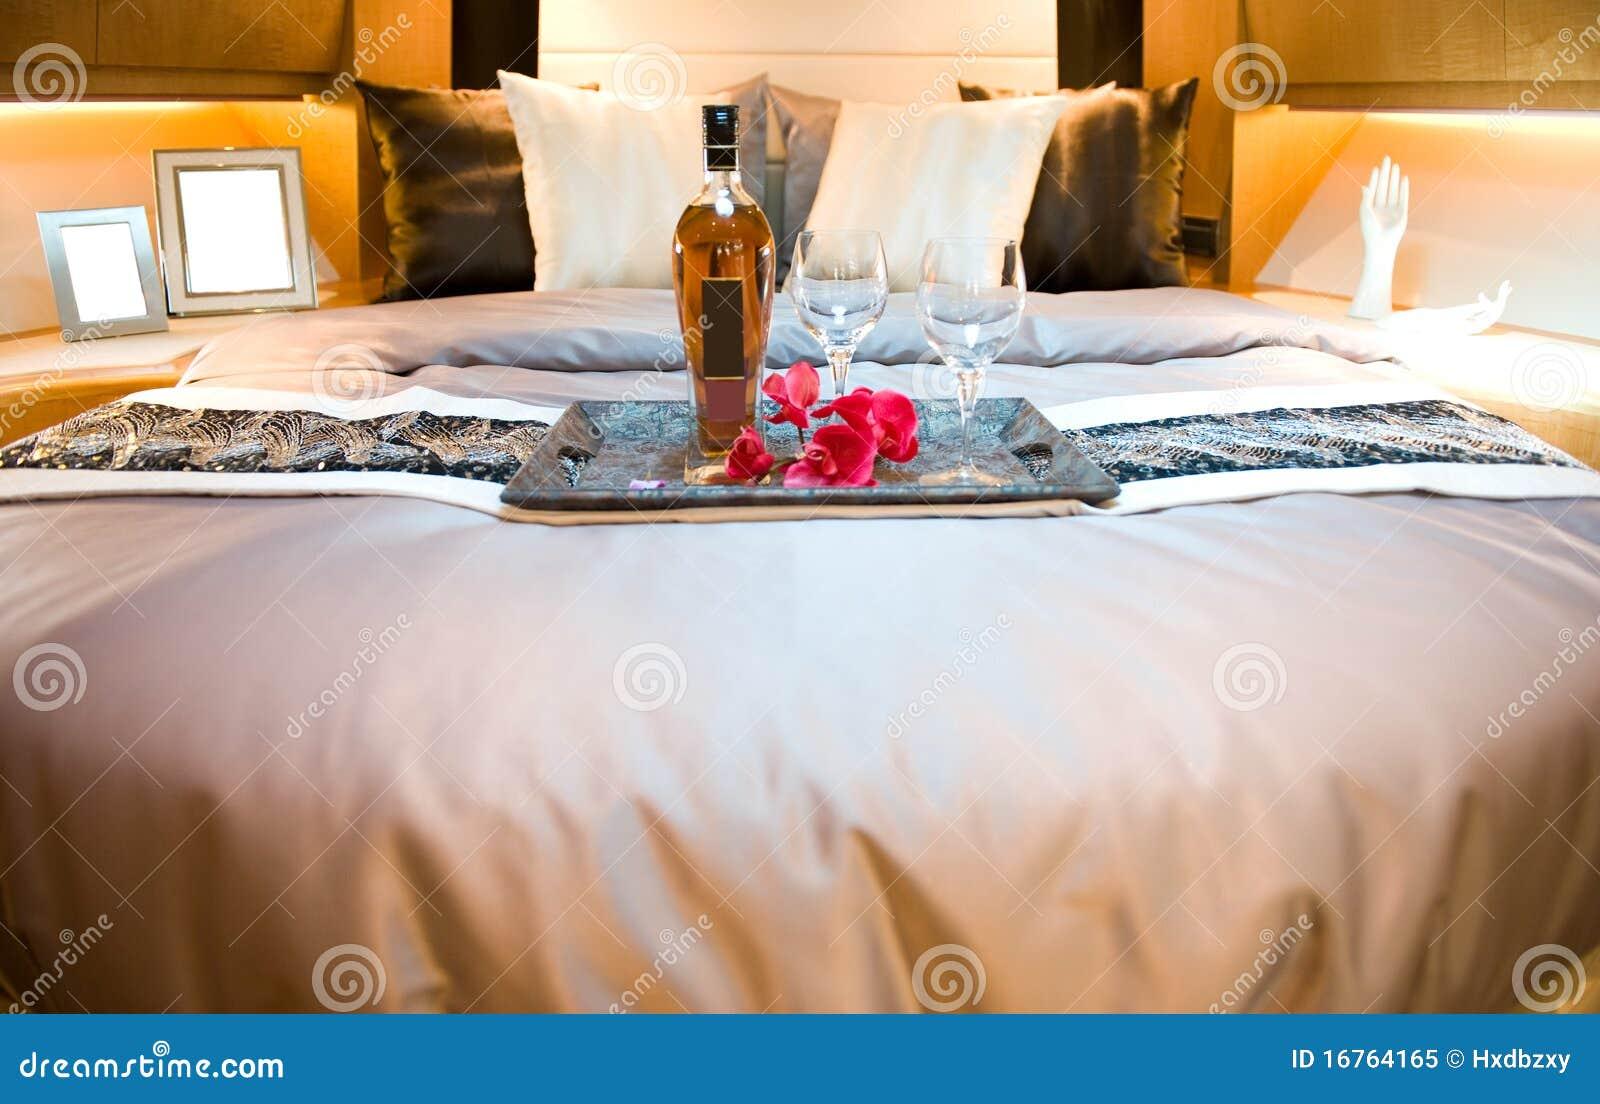 Romantische Verrassing Royalty-vrije Stock Foto - Afbeelding: 16764165